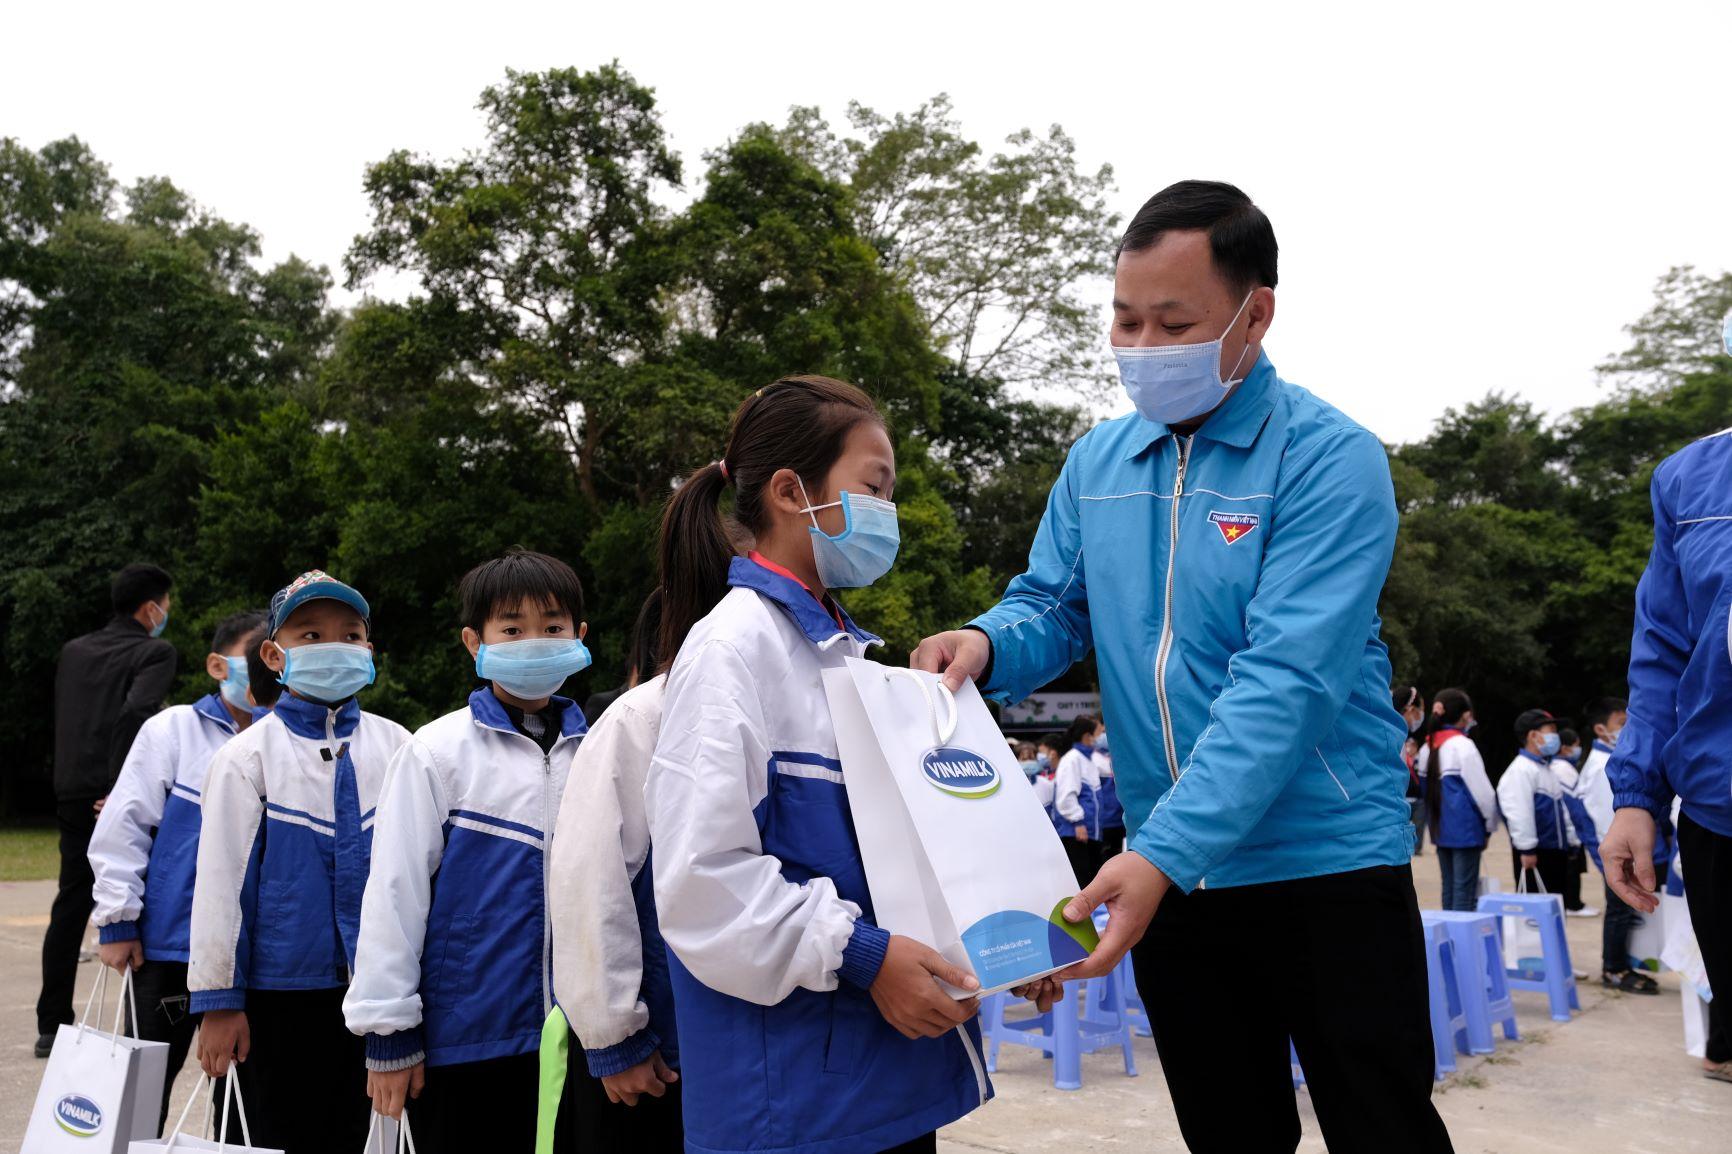 """Quỹ 1 triệu cây xanh cho Việt Nam của Vinamilk - Chương trình vì môi trường tạo được """"dấu ấn xanh"""" đặc biệt với cộng đồng 19"""